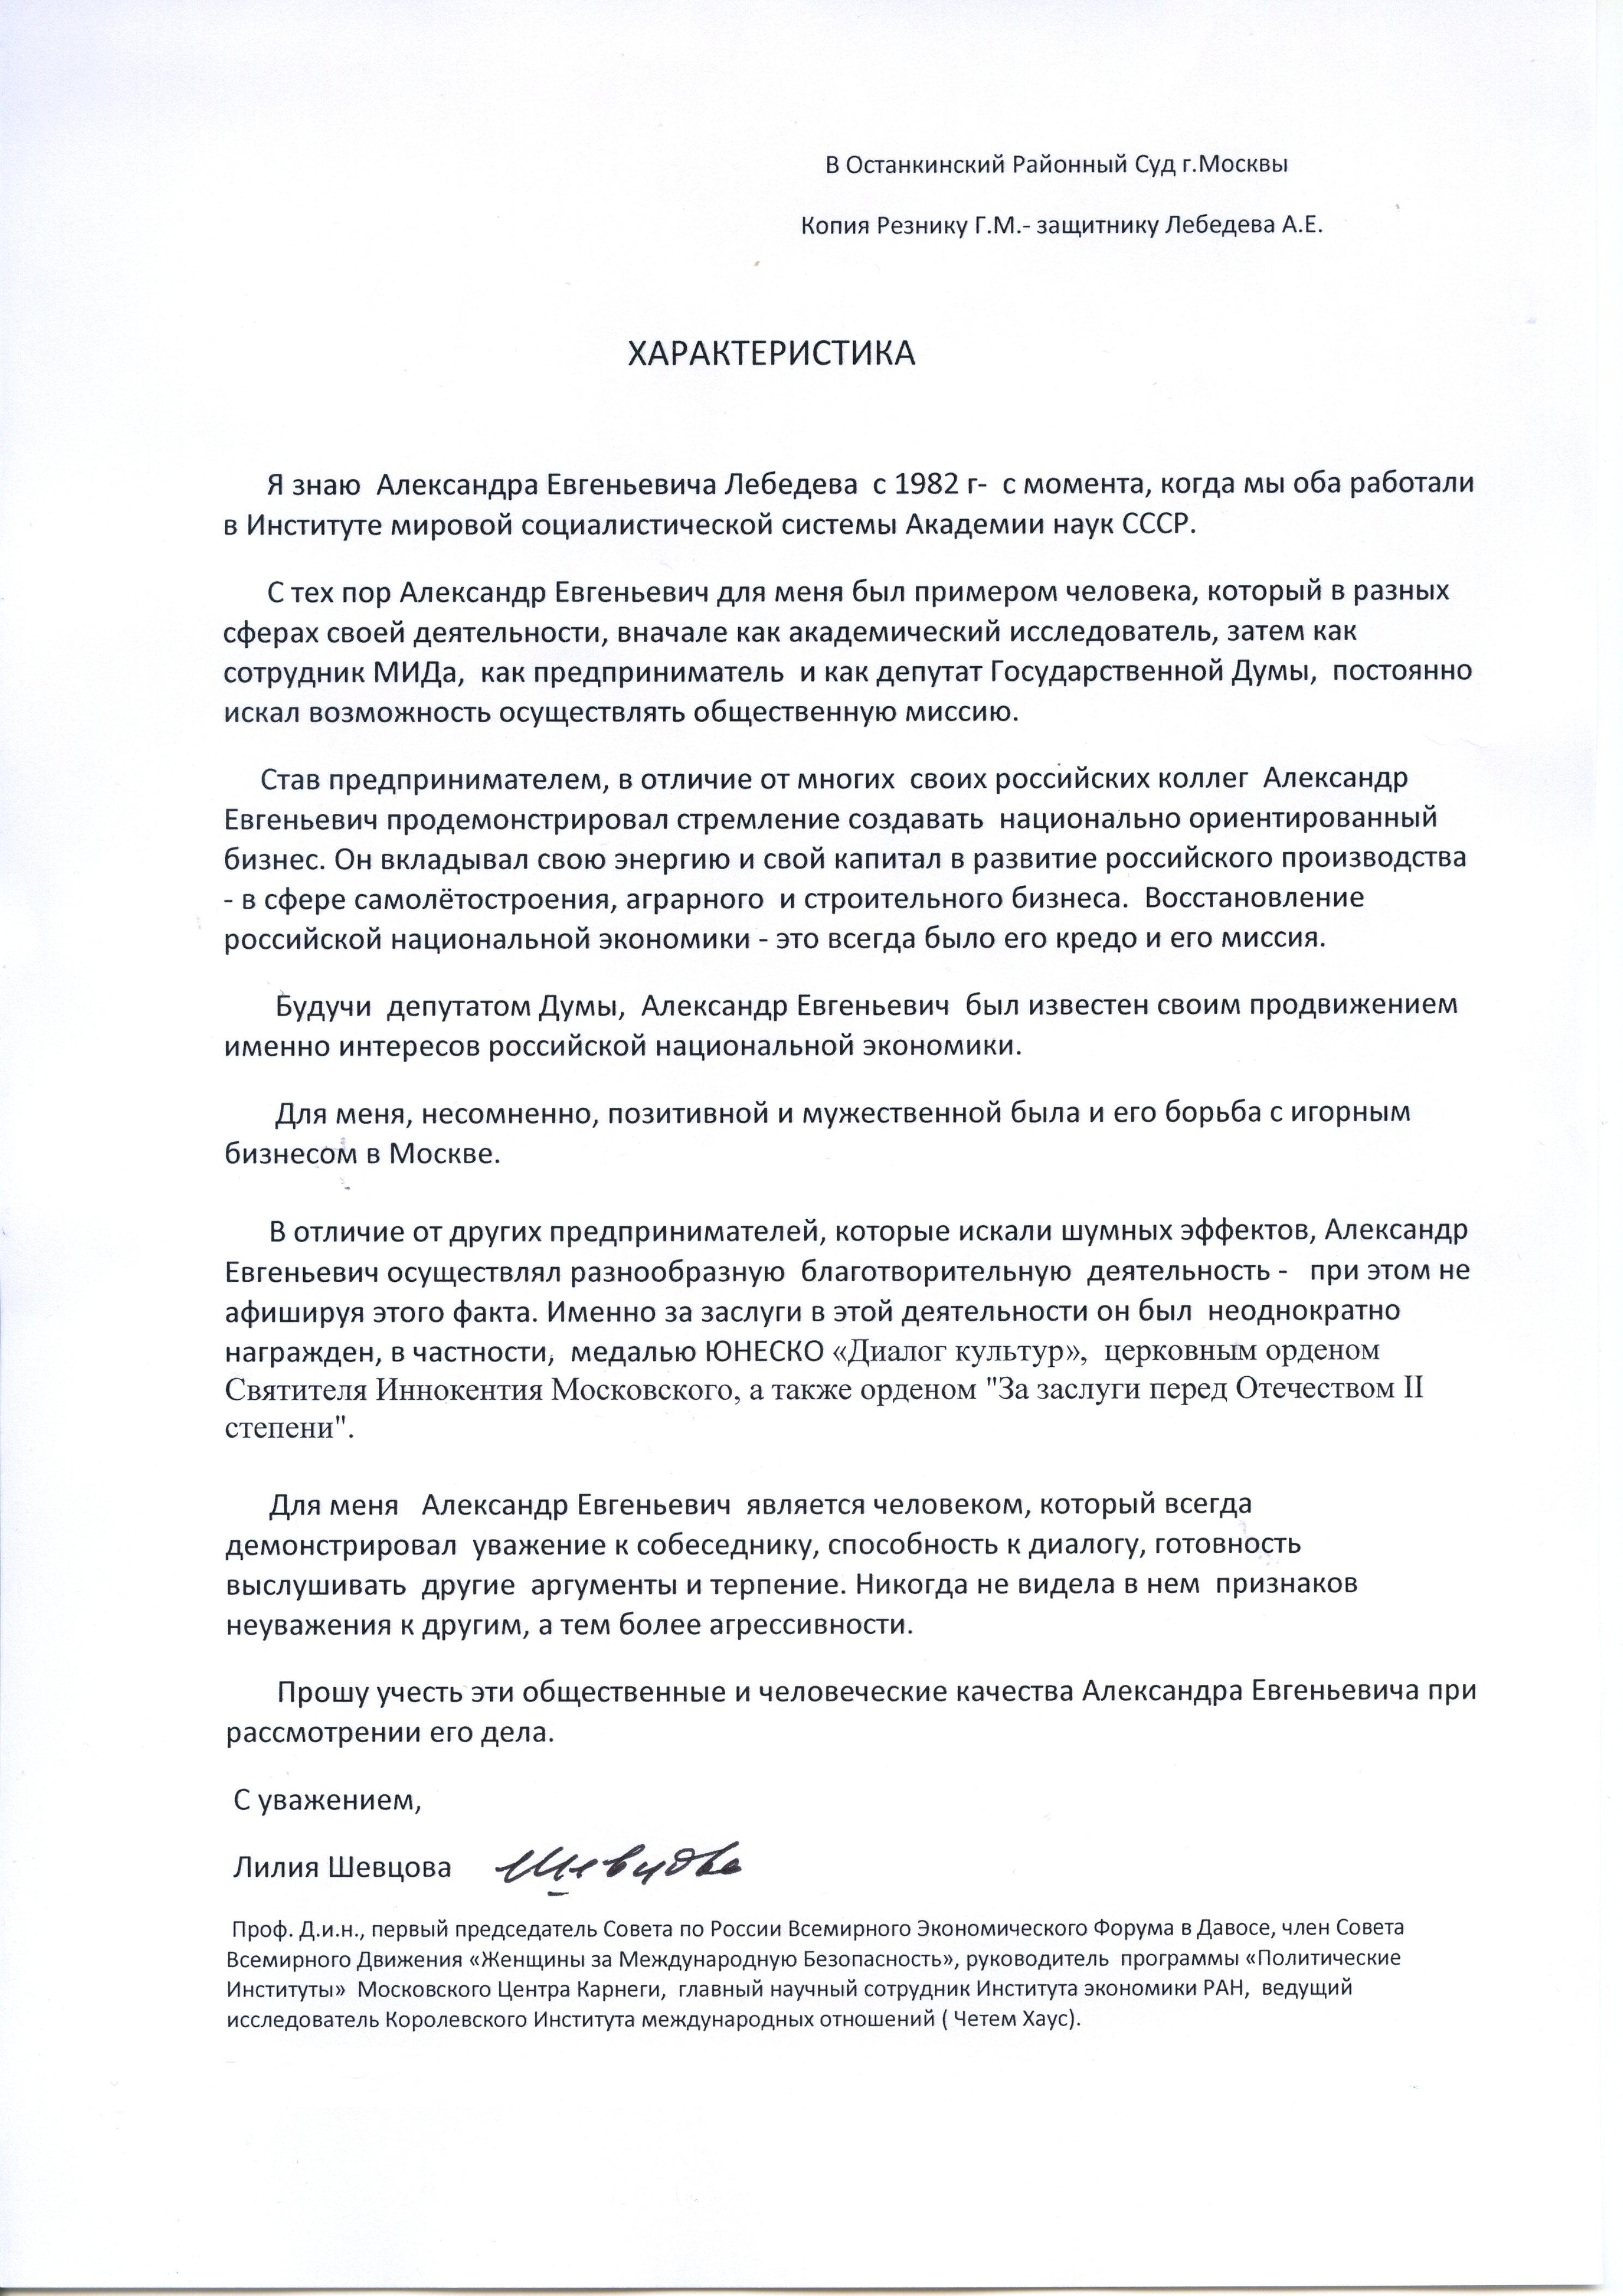 65_Характеристика Шевцова